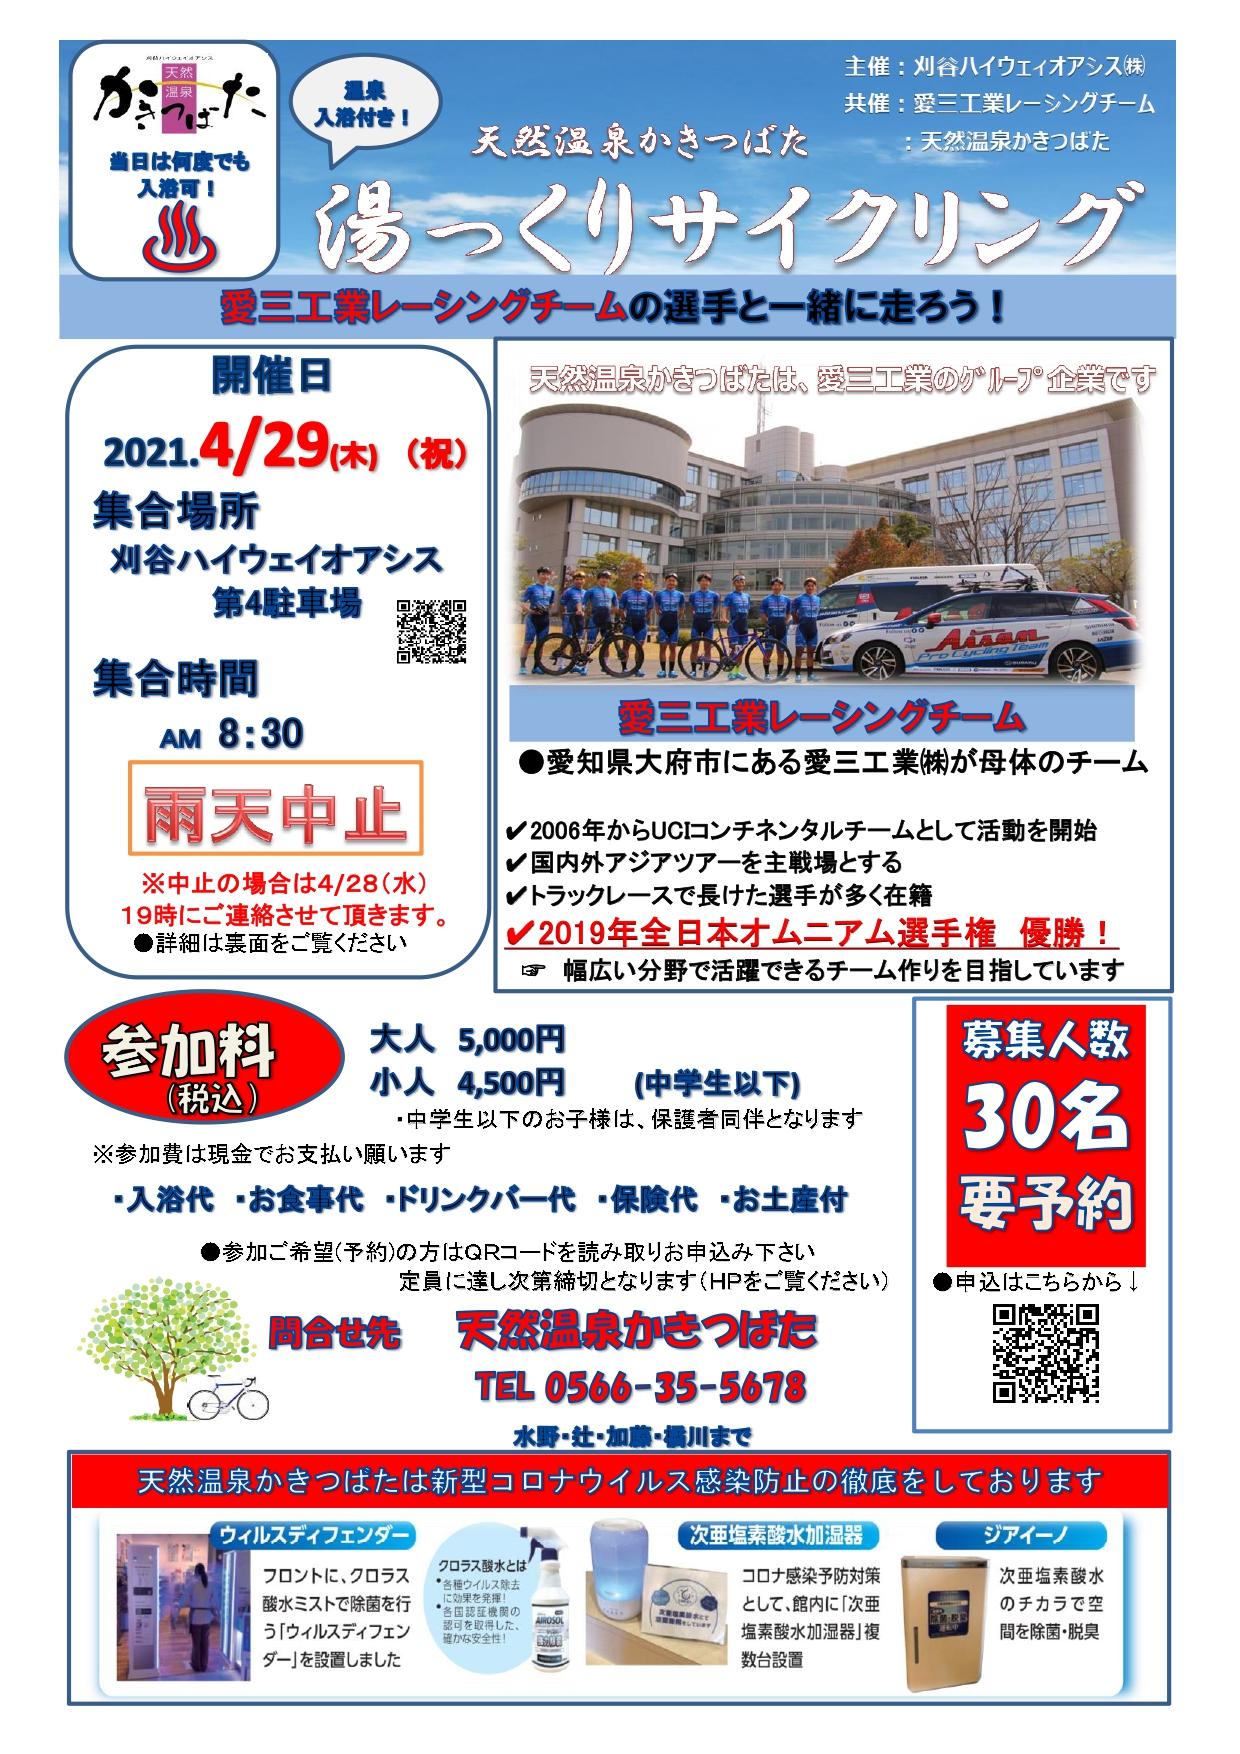 4月29日(木・祝)開催   湯っくりサイクリング参加者募集【申込期間 4/20(火)まで】